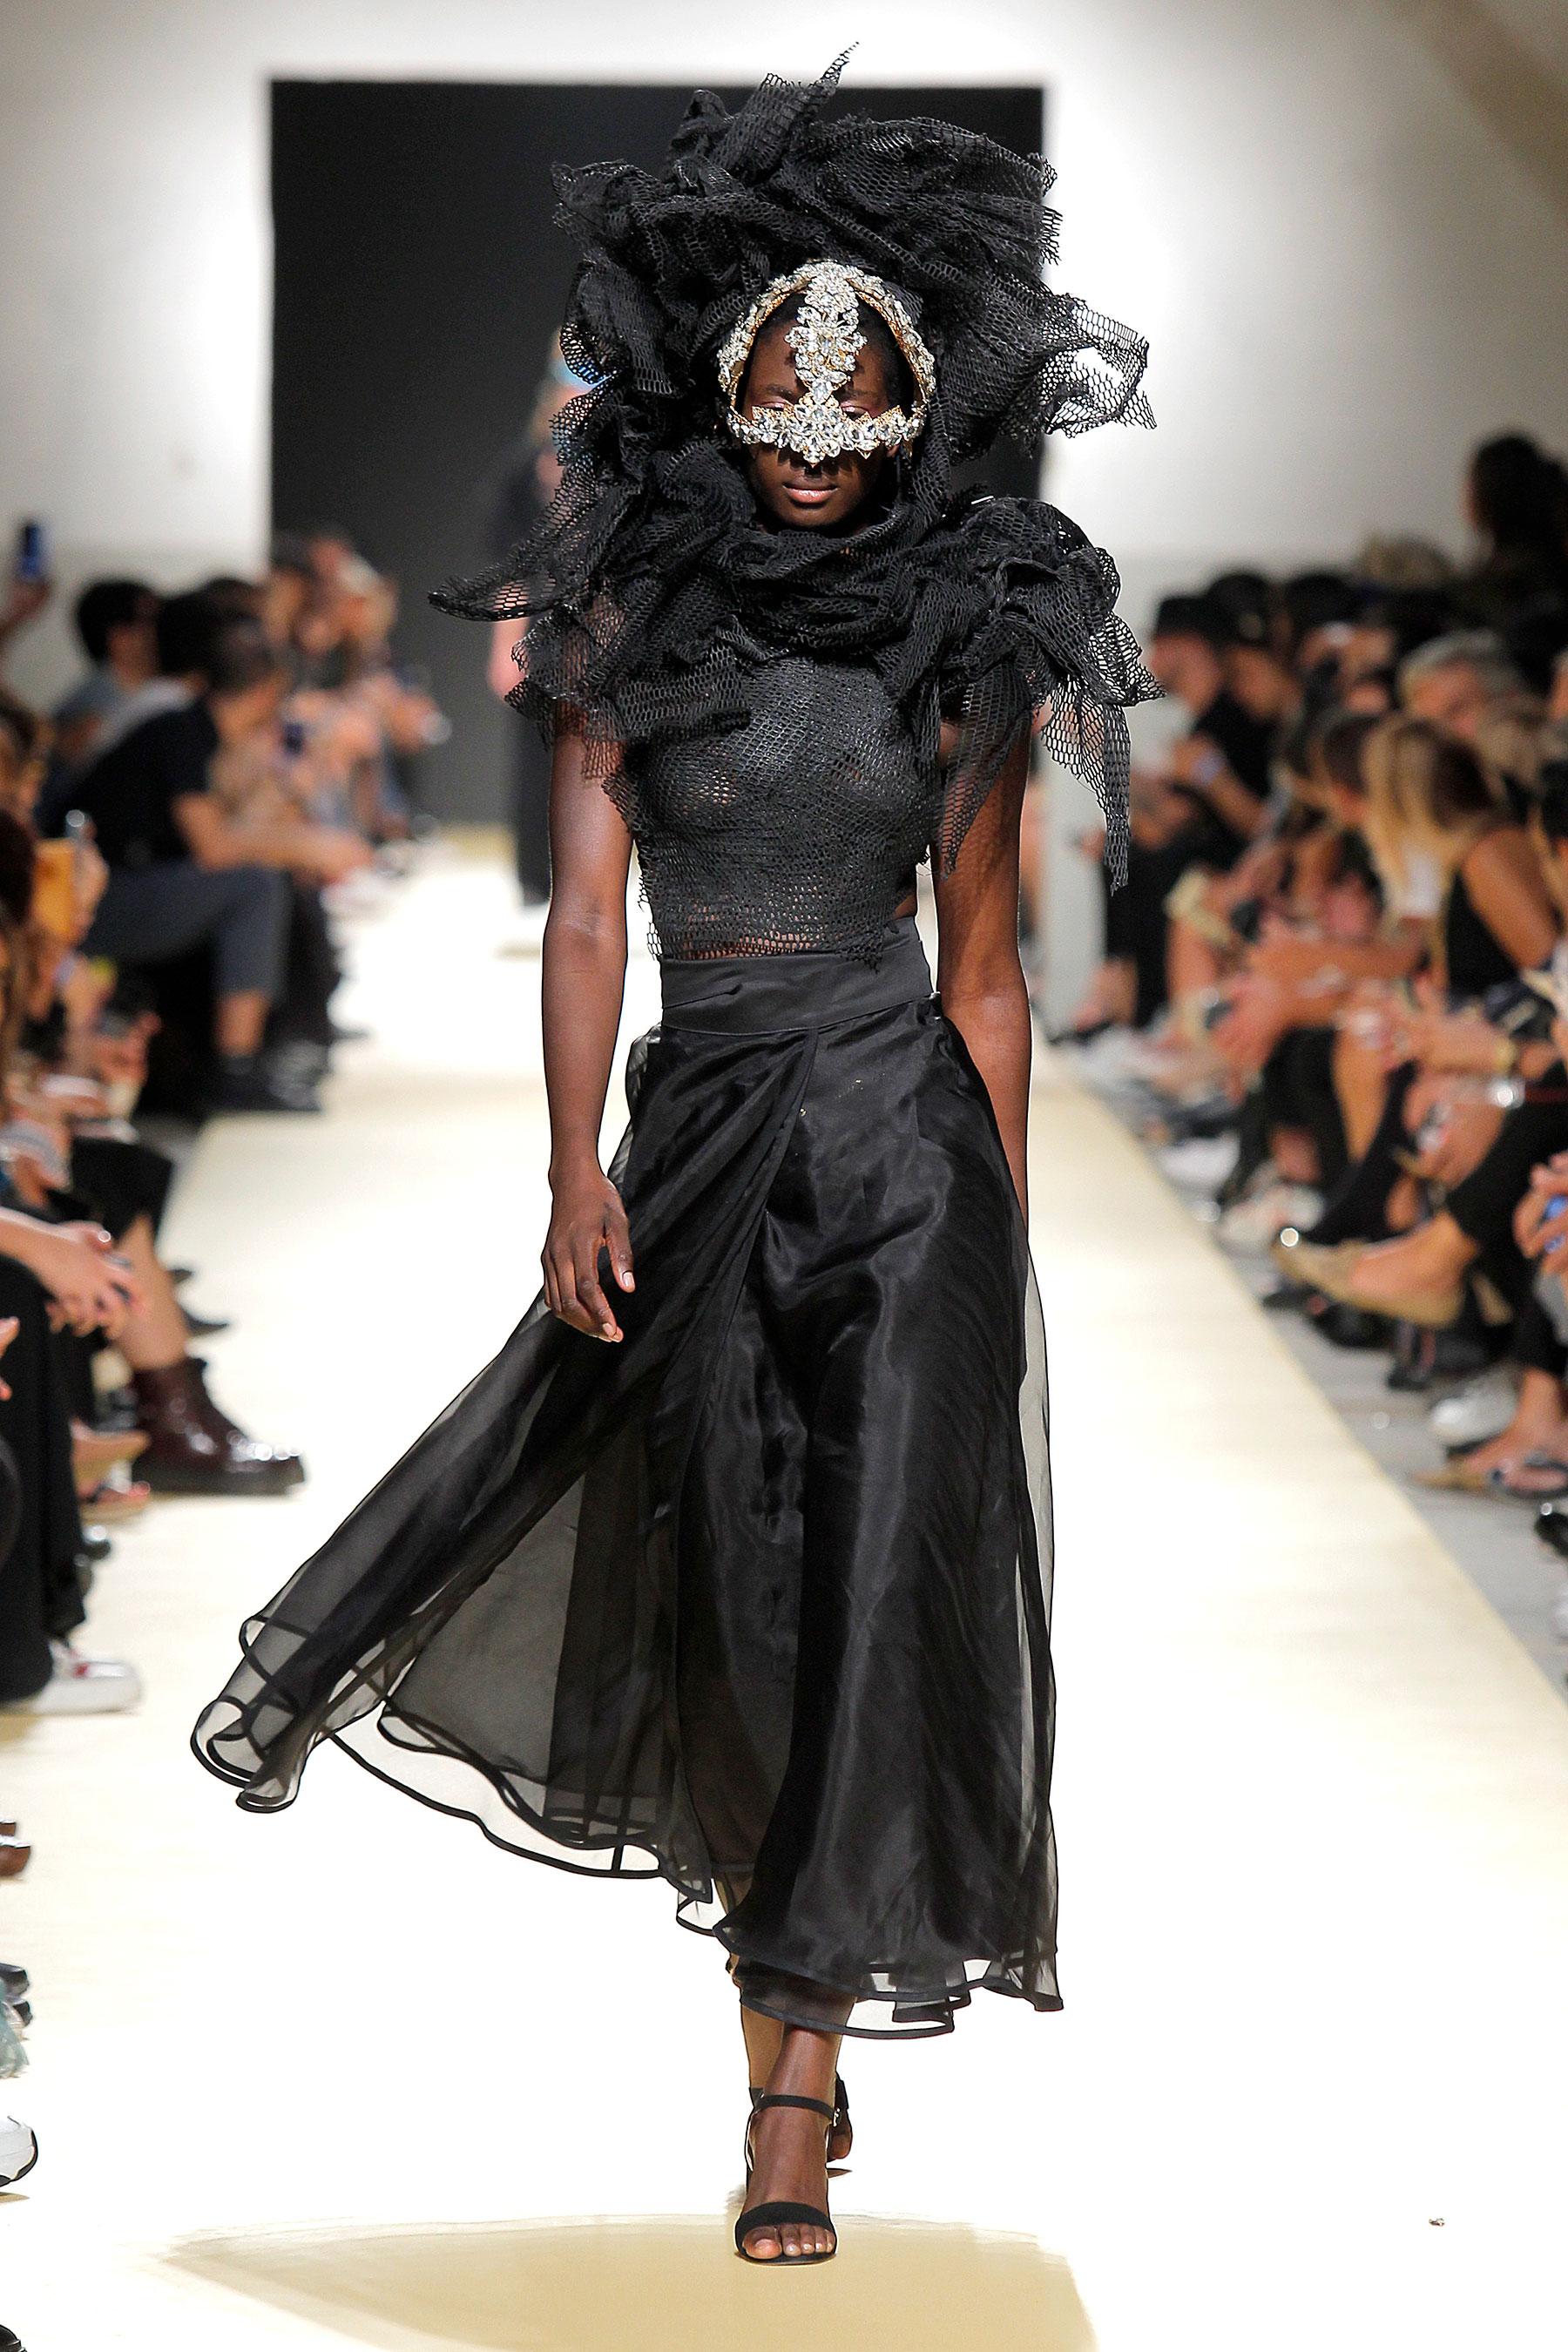 vestidos de noiva pretos: as sugestões da Lisboa Fashion Week 2019